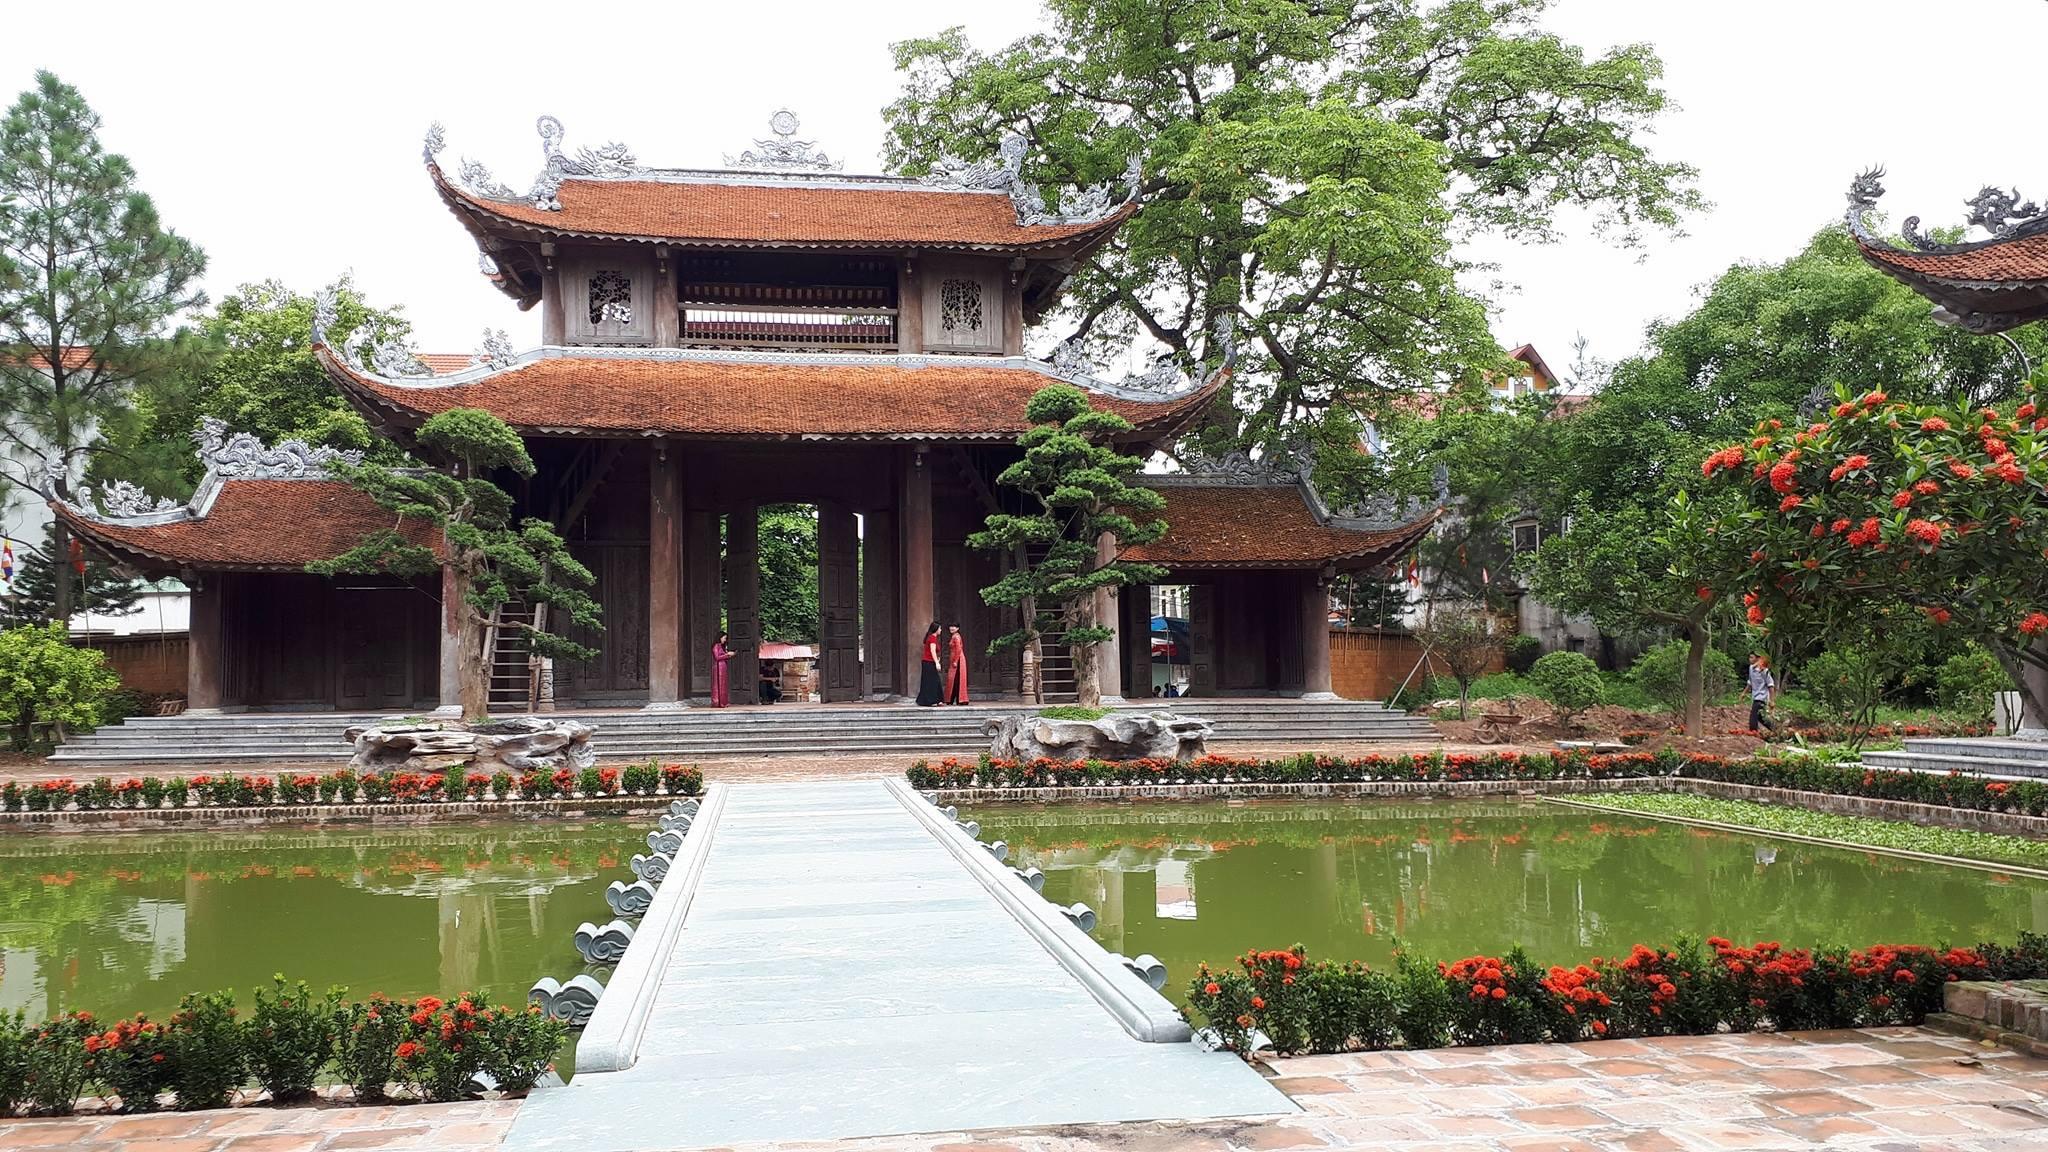 BẢO VỆ GIA ĐÌNH KHỎI ĐỔ VỠ - Thích Nhất Hạnh - Diệu Liên Việt dịch